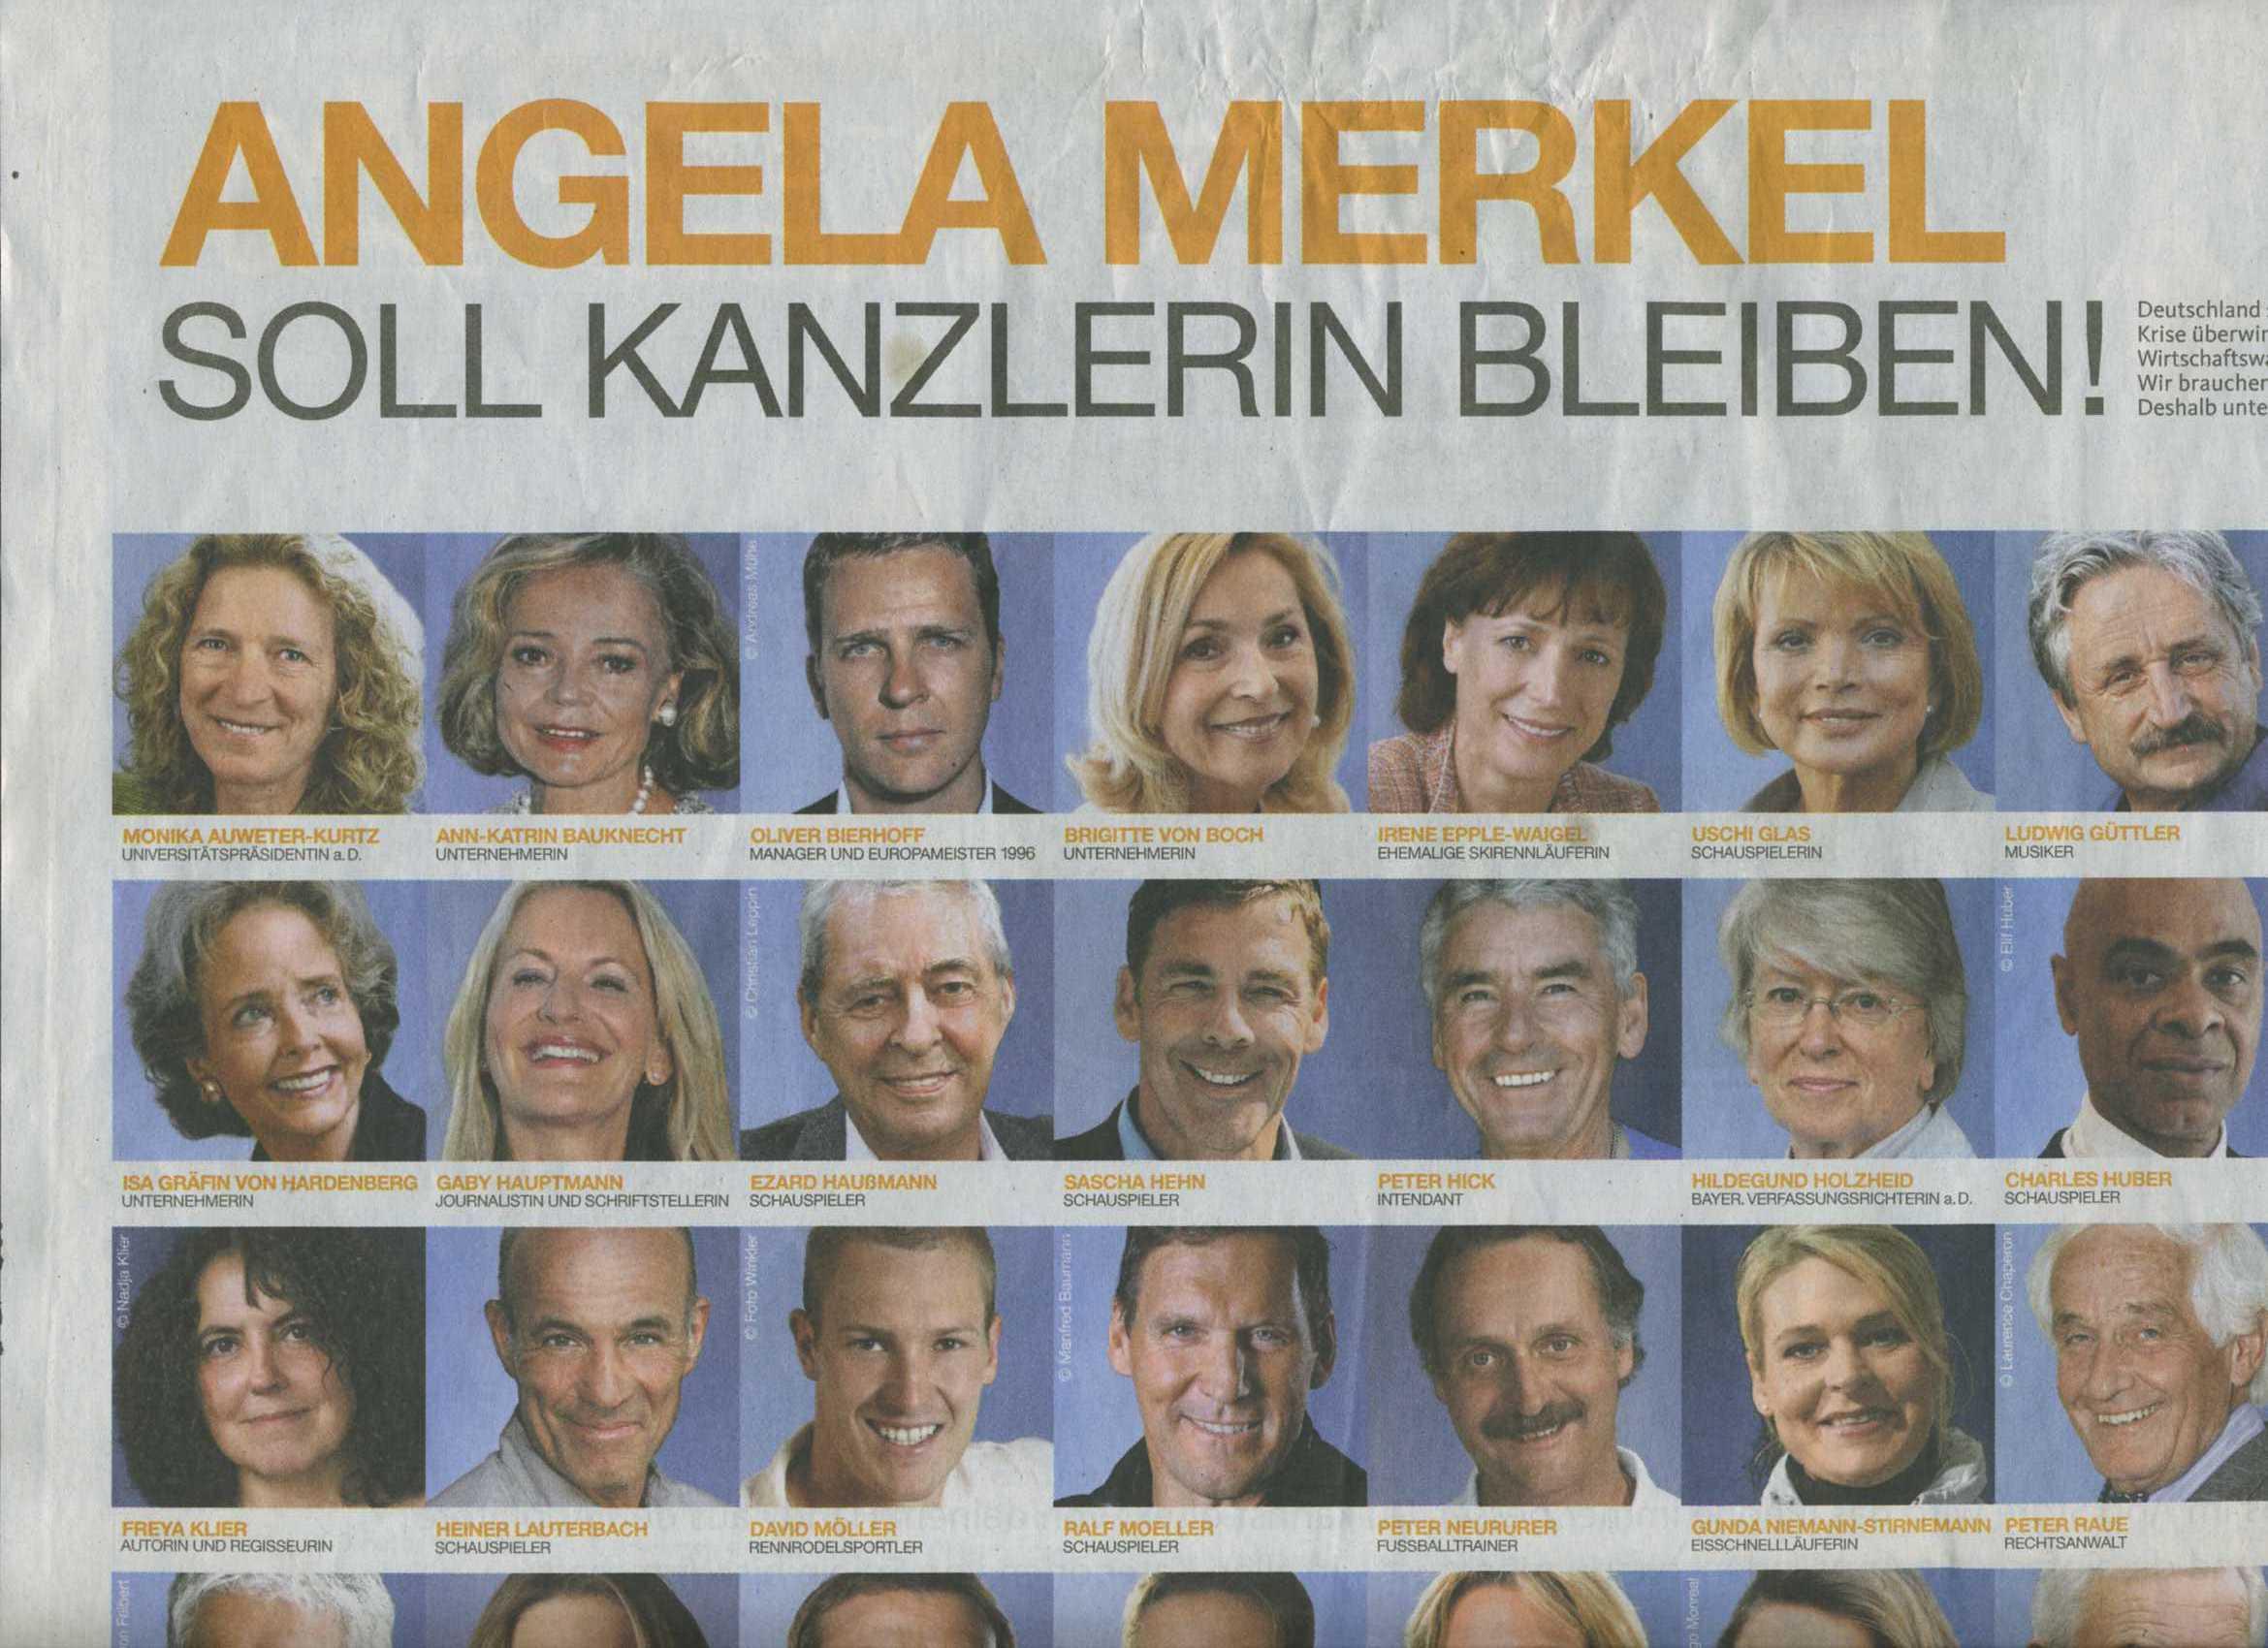 Auweter-Kurtz und Merkel